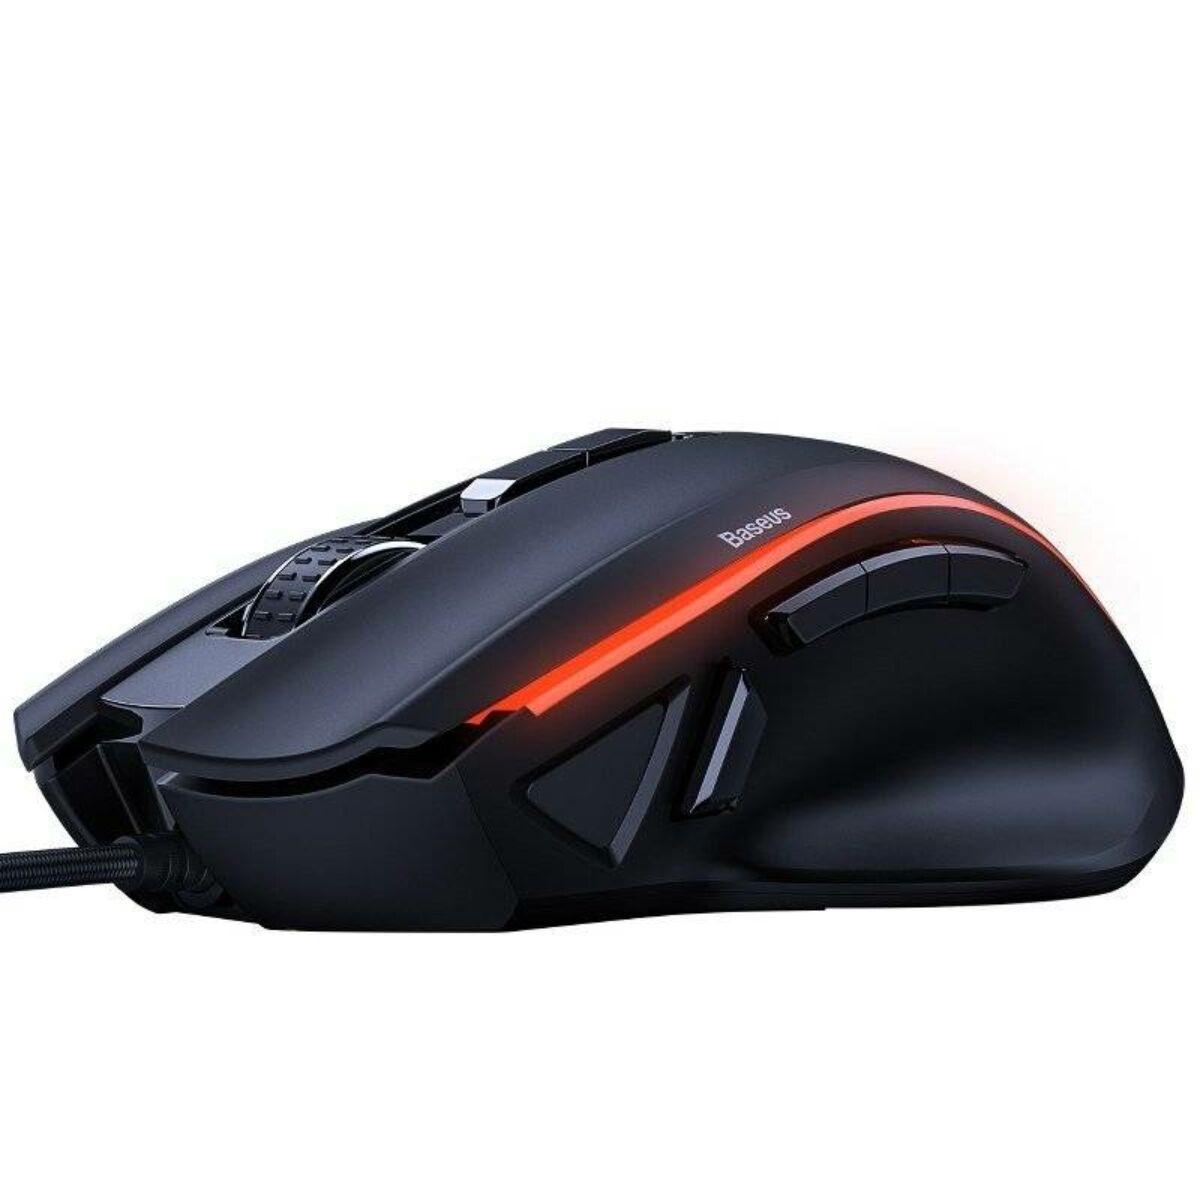 Baseus játék eszköz, GAMO Mobile Game Adapter billentyűzethez és/vagy egérhez - csak Baseus termékekhez, fekete (TZGA01-01)